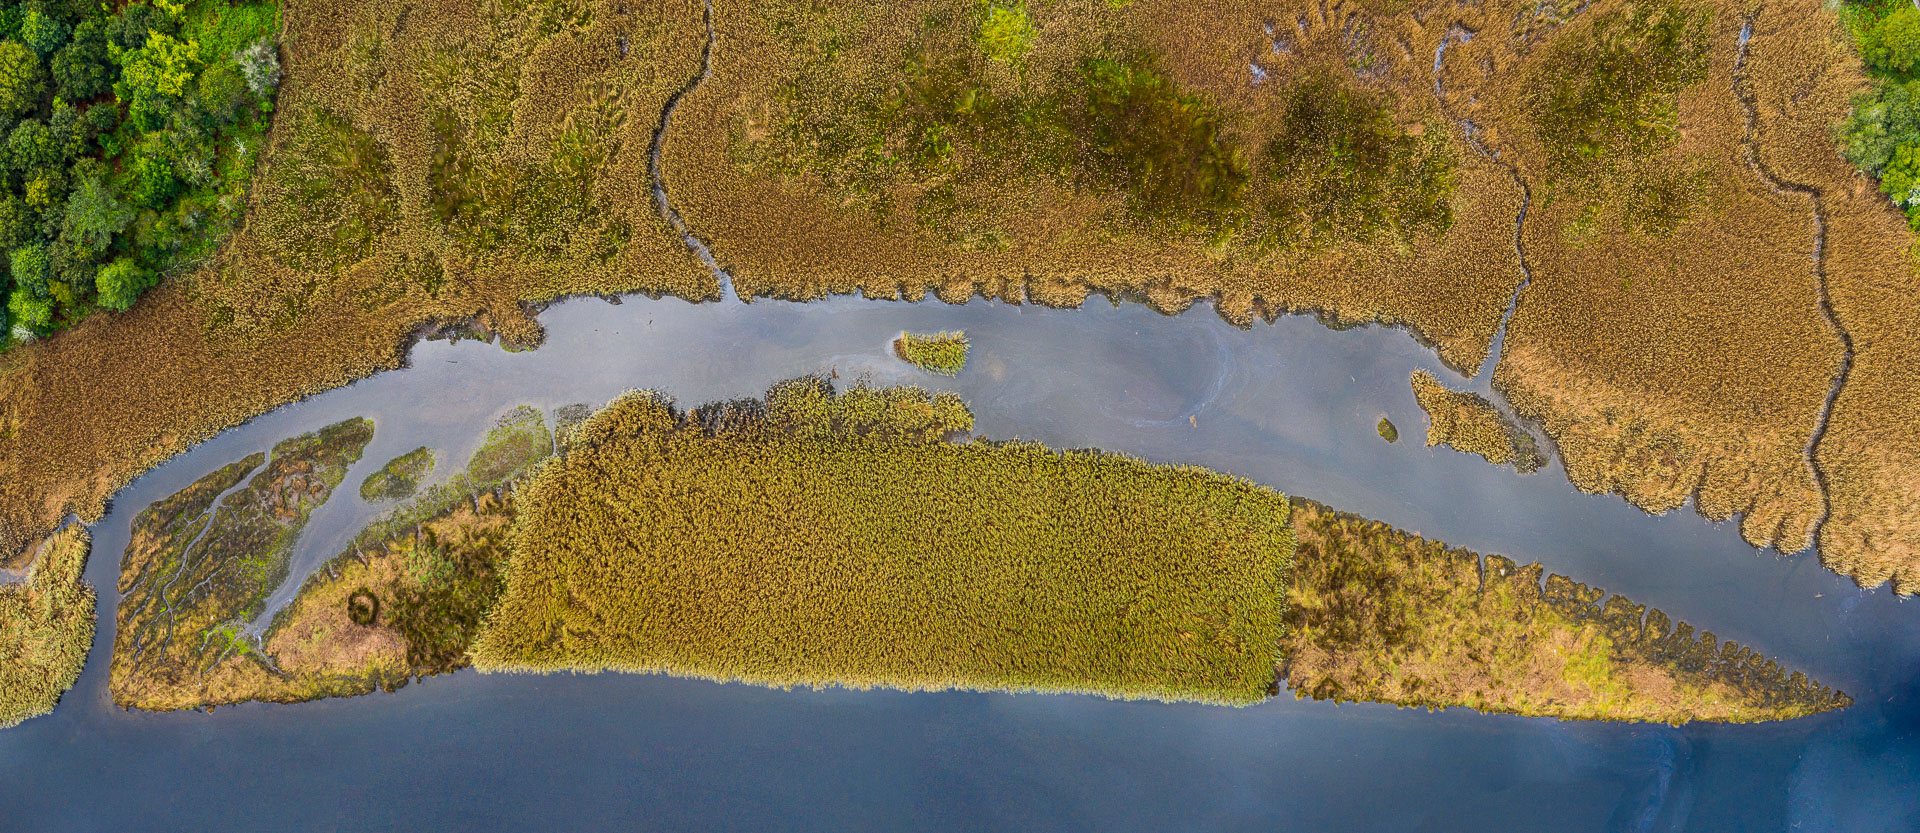 Como pez en el agua - Desde el aire 2 - Roberto Bueno - Fotografía de Naturaleza - Luces del Planeta - Desde el aire